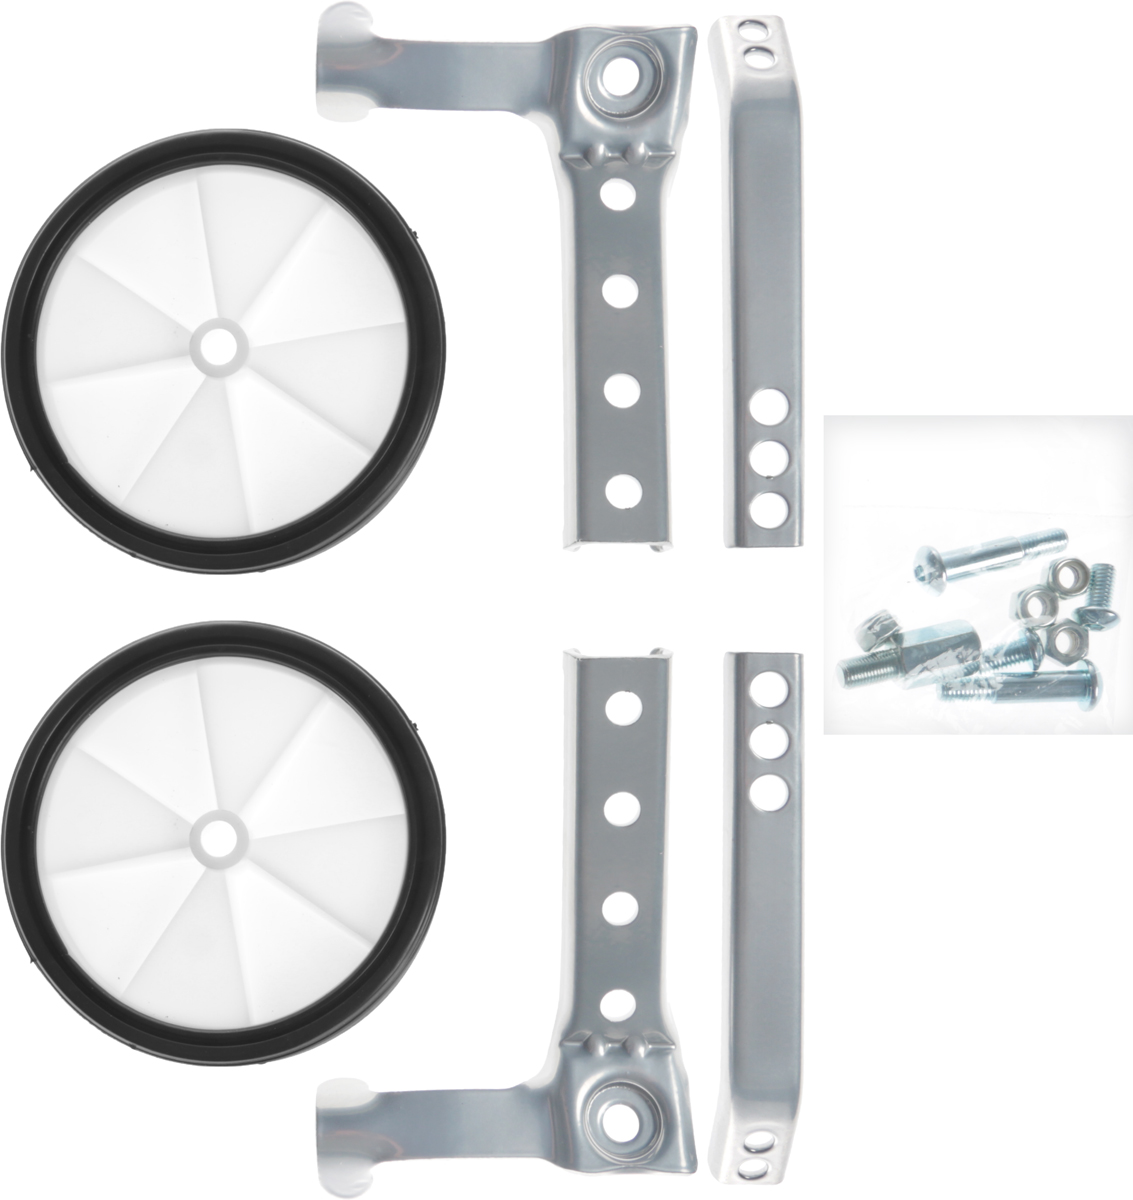 Колеса боковые для детских велосипедов 16-24 с переключением скоростей M-Wave 701 W701 WДополнительные боковые колеса M-WAVE 701 W для детских и подростковых велосипедов 16-24 с переключением скоростей. Предназначены для получения первичных навыов езды на велосипеде, отработки чувства равновесия и баланса, подстраховывая велосипедиста от падения набок. Установочный комплект допускает монтаж на велосипеды с диаметром колес от 16 до 24 дюймов, включая модели с переключением скоростей. При установке отрегулируйте высоту колес так, чтобы они были слегка приподняты над поверхностью дороги. Таким образом ребенок сразу получает навык езды на основных колесах, а боковые не мешают ему набирать скорость и маневрировать, в тоже время предотвращая падения при трогании и остановке. Рекомендуем!